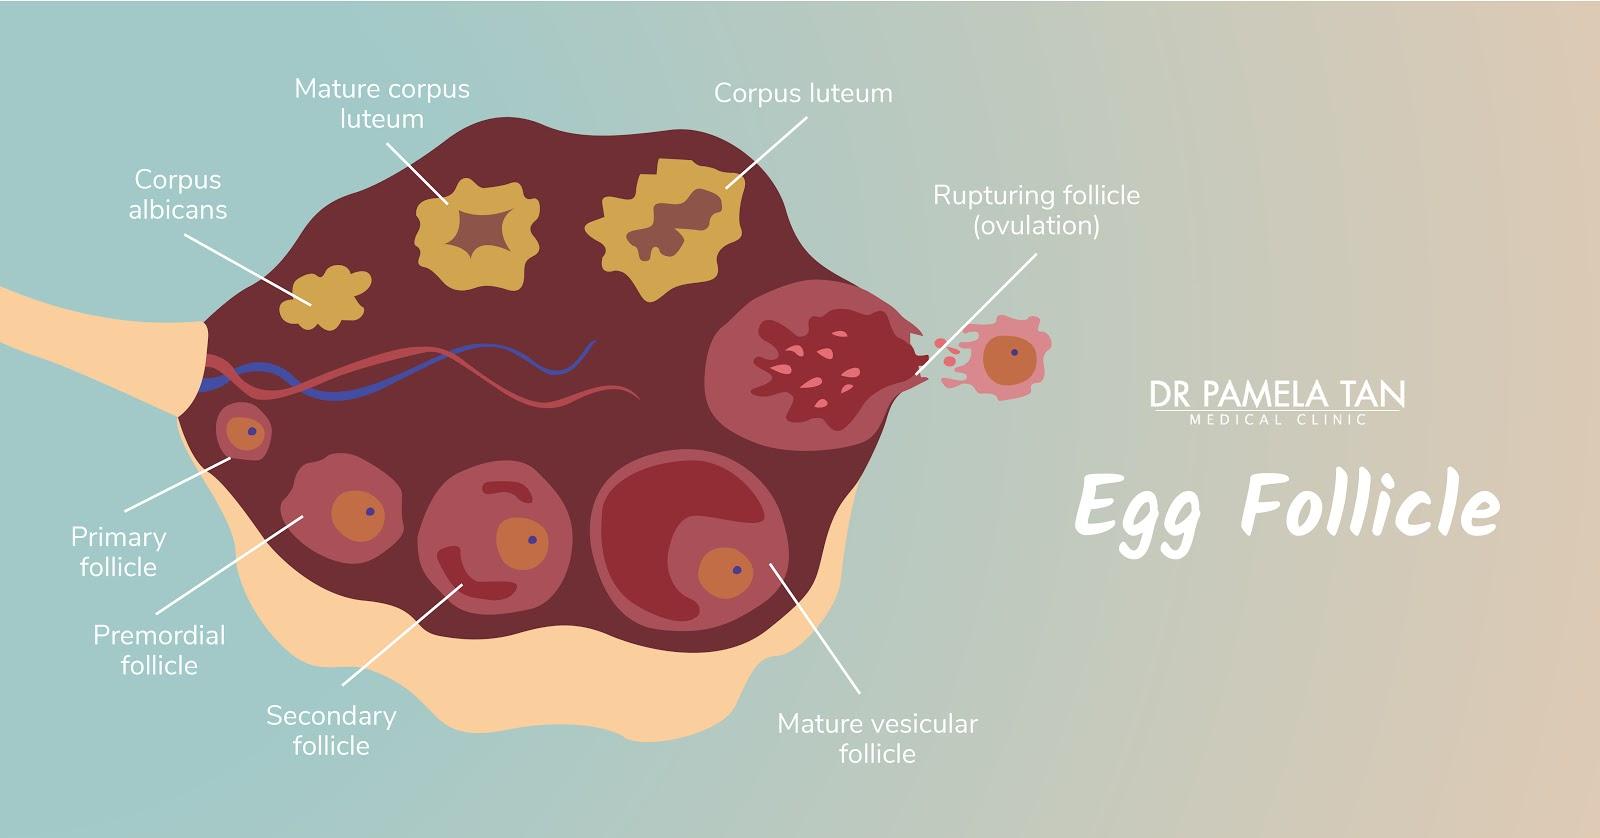 Egg Follicle